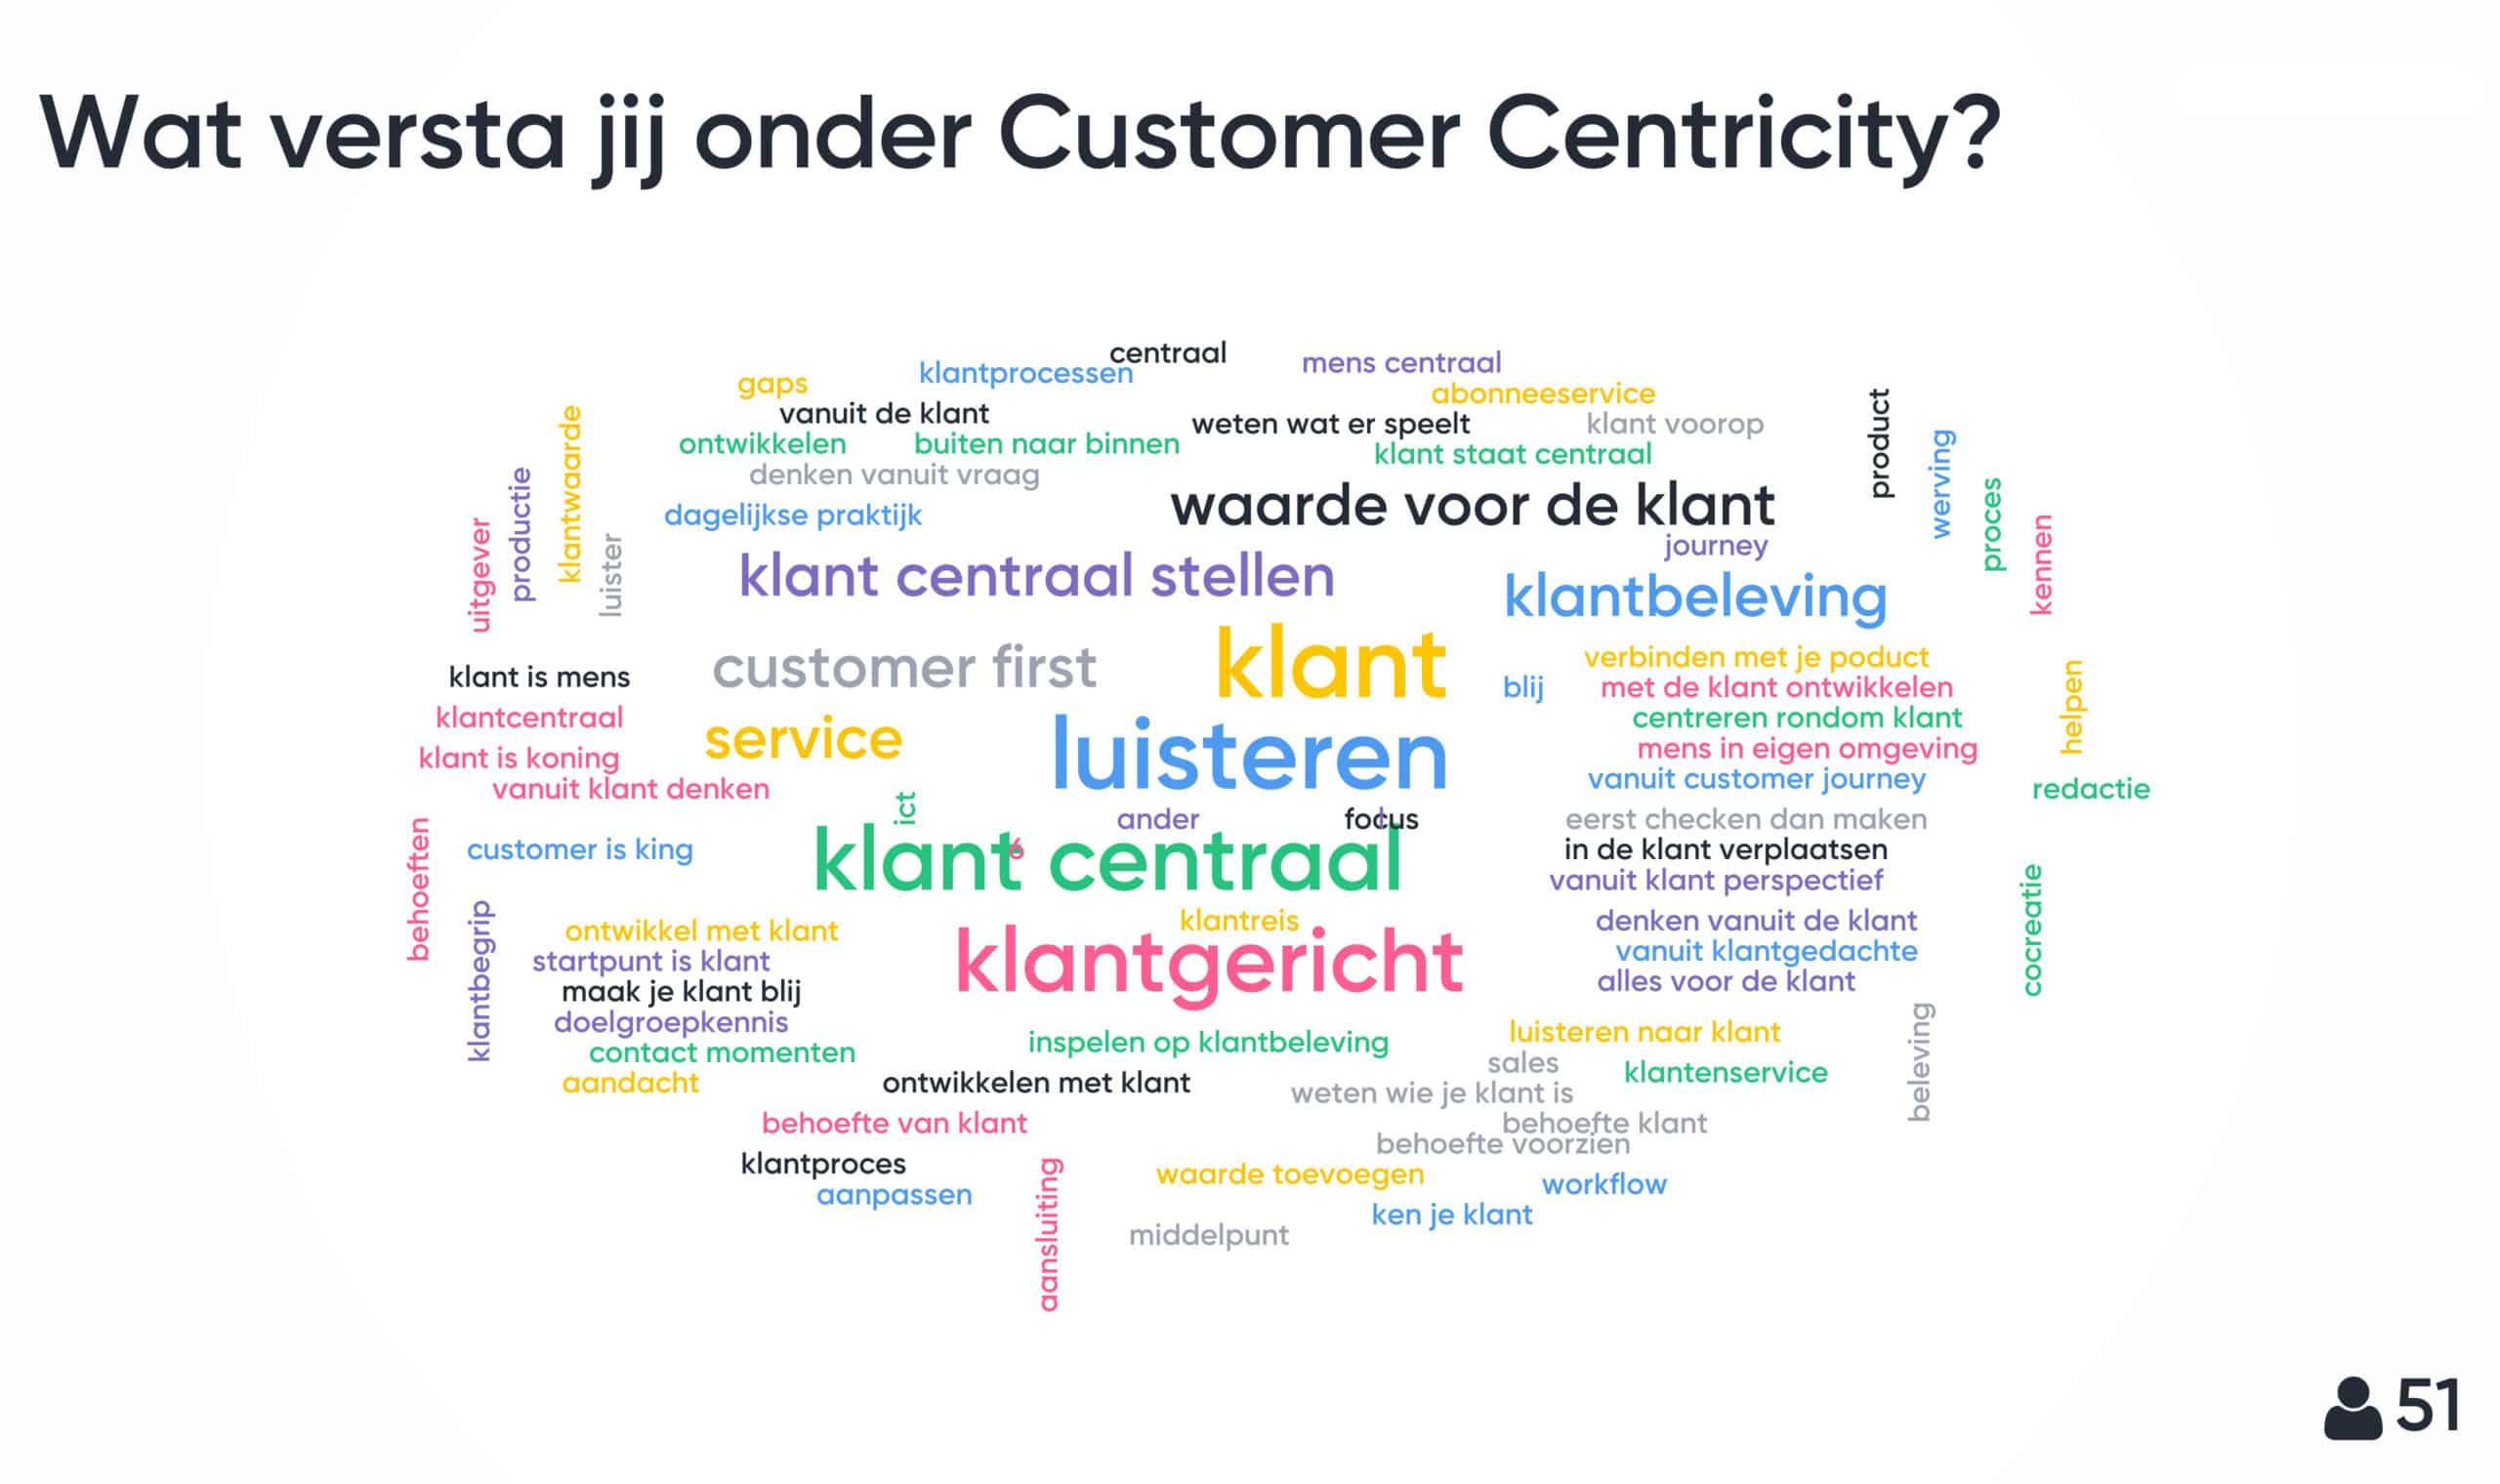 wat-versta-jij-onder-customer-centricity